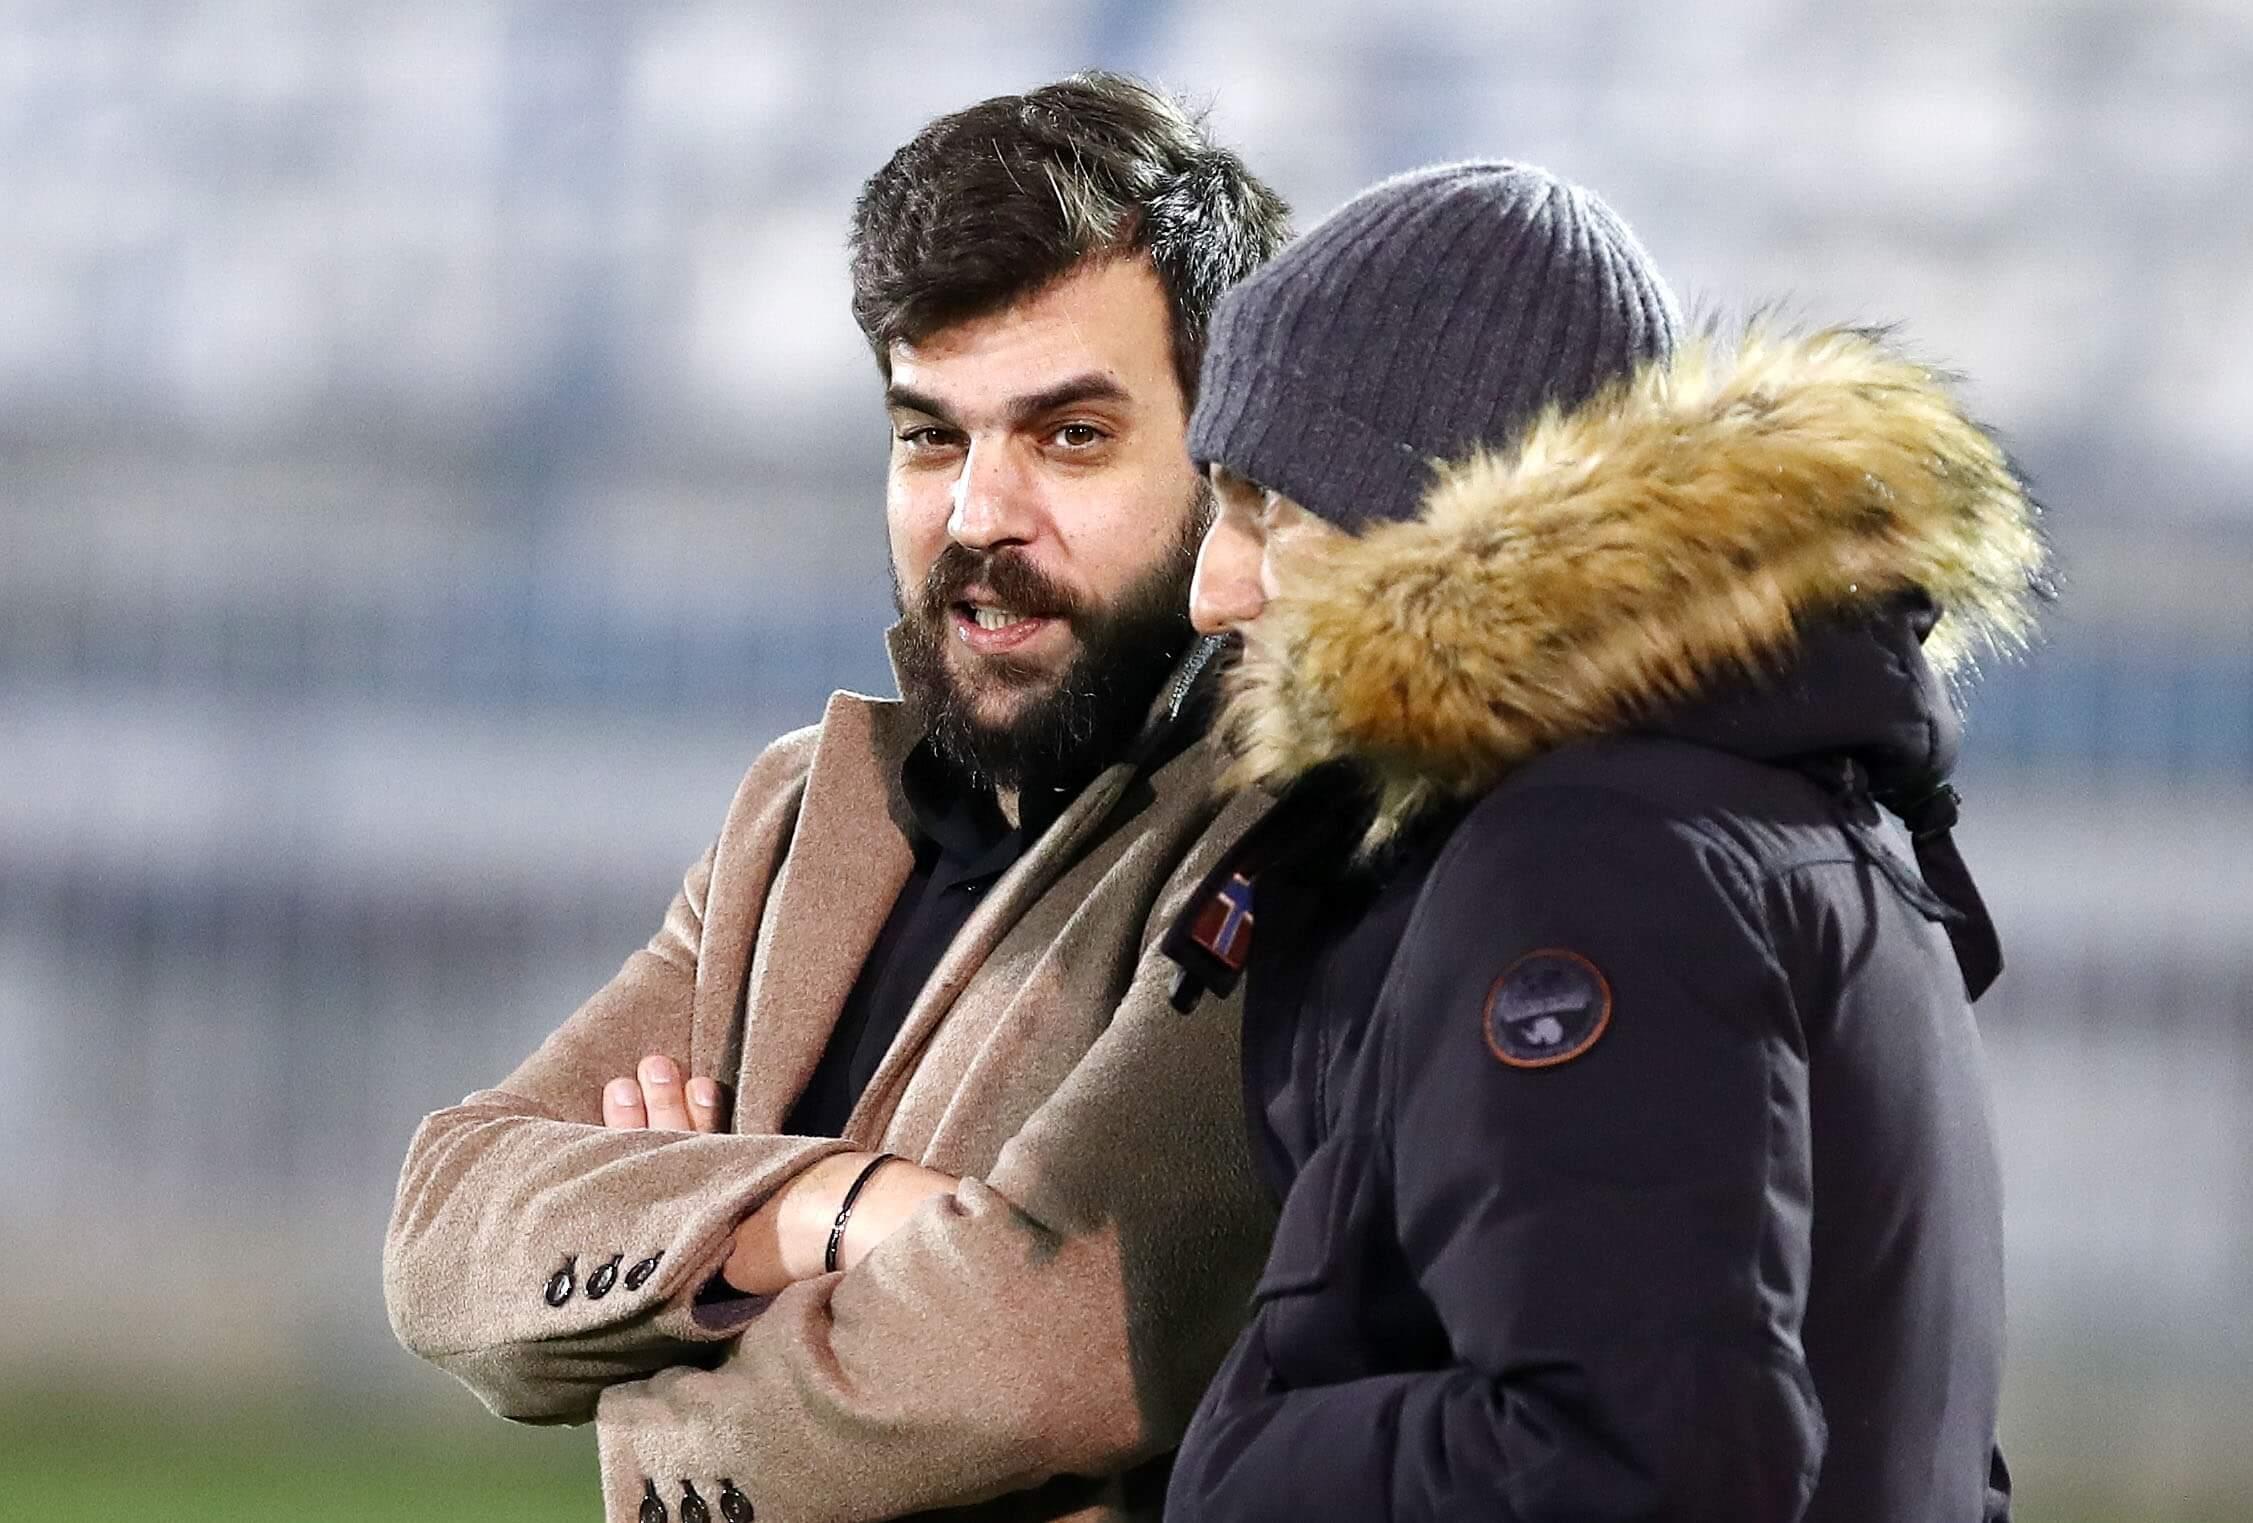 """ΠΑΟΚ – Κυριάκος: """"Ας πάρουμε φέτος το πρωτάθλημα κανονικά και με απονομή"""""""